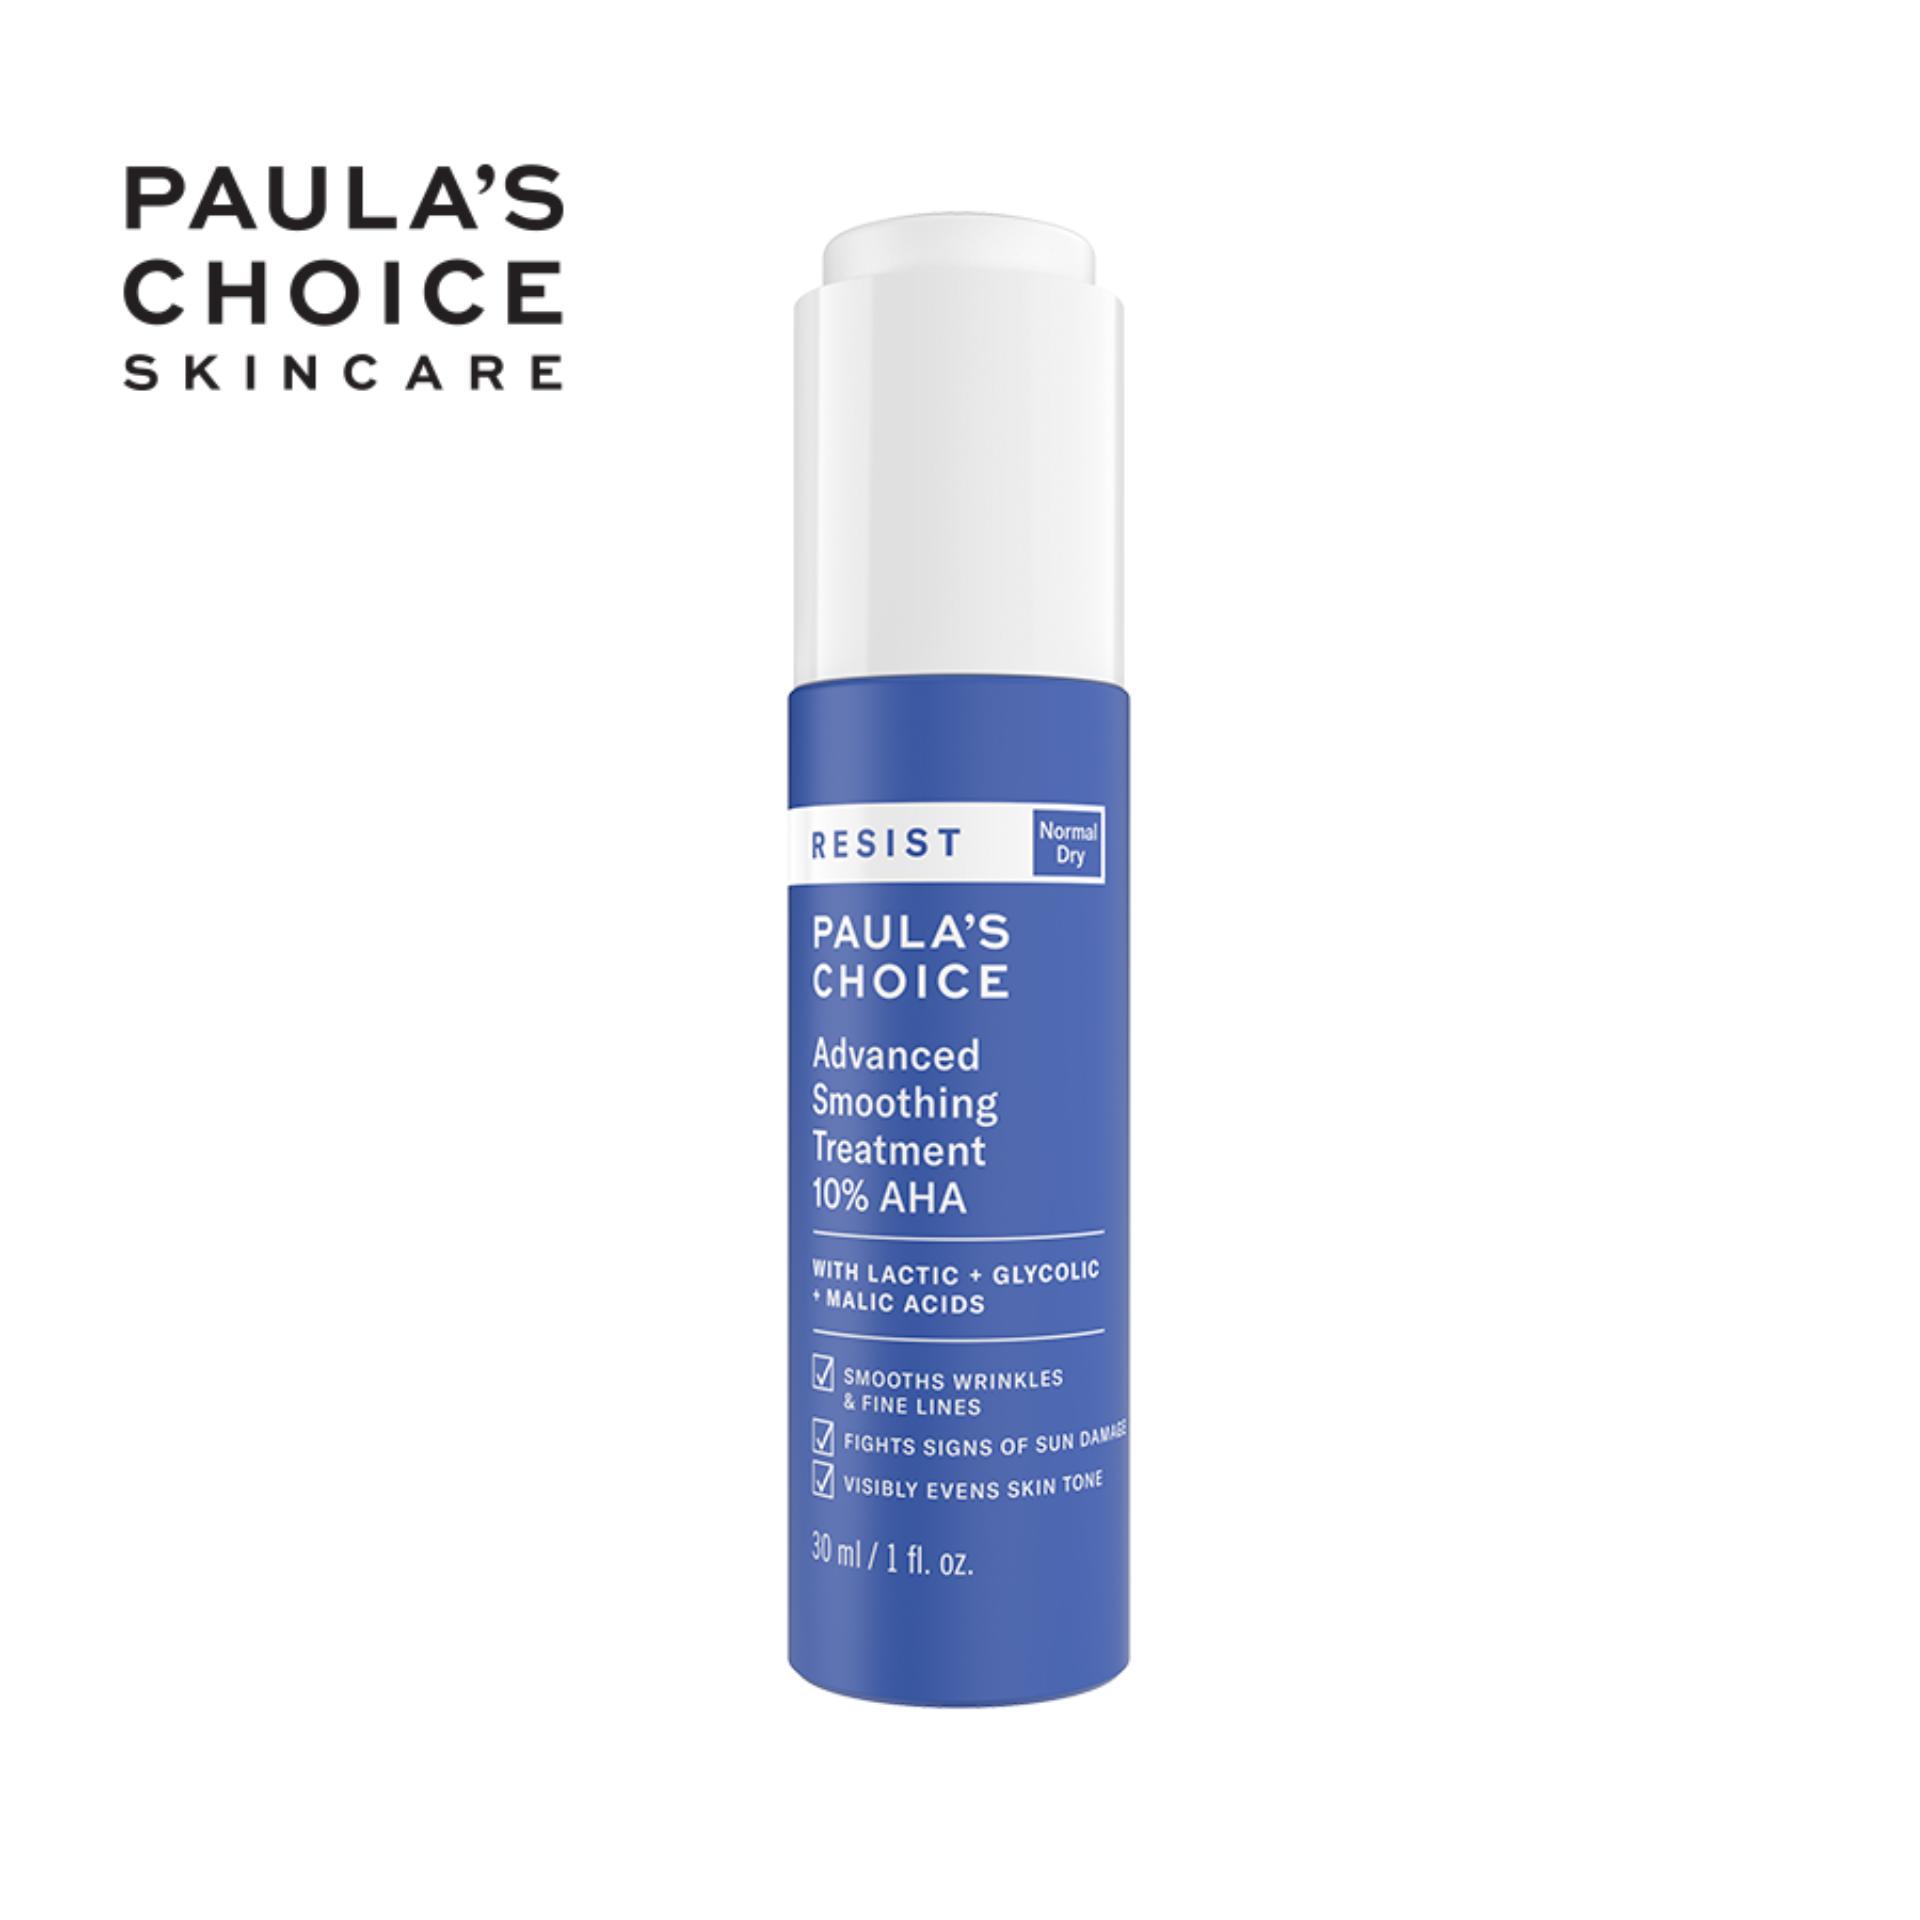 Tinh chất làm sáng và đều màu da Paula's Choice RESIST Advanced Smoothing Treatment 10% AHA-7651